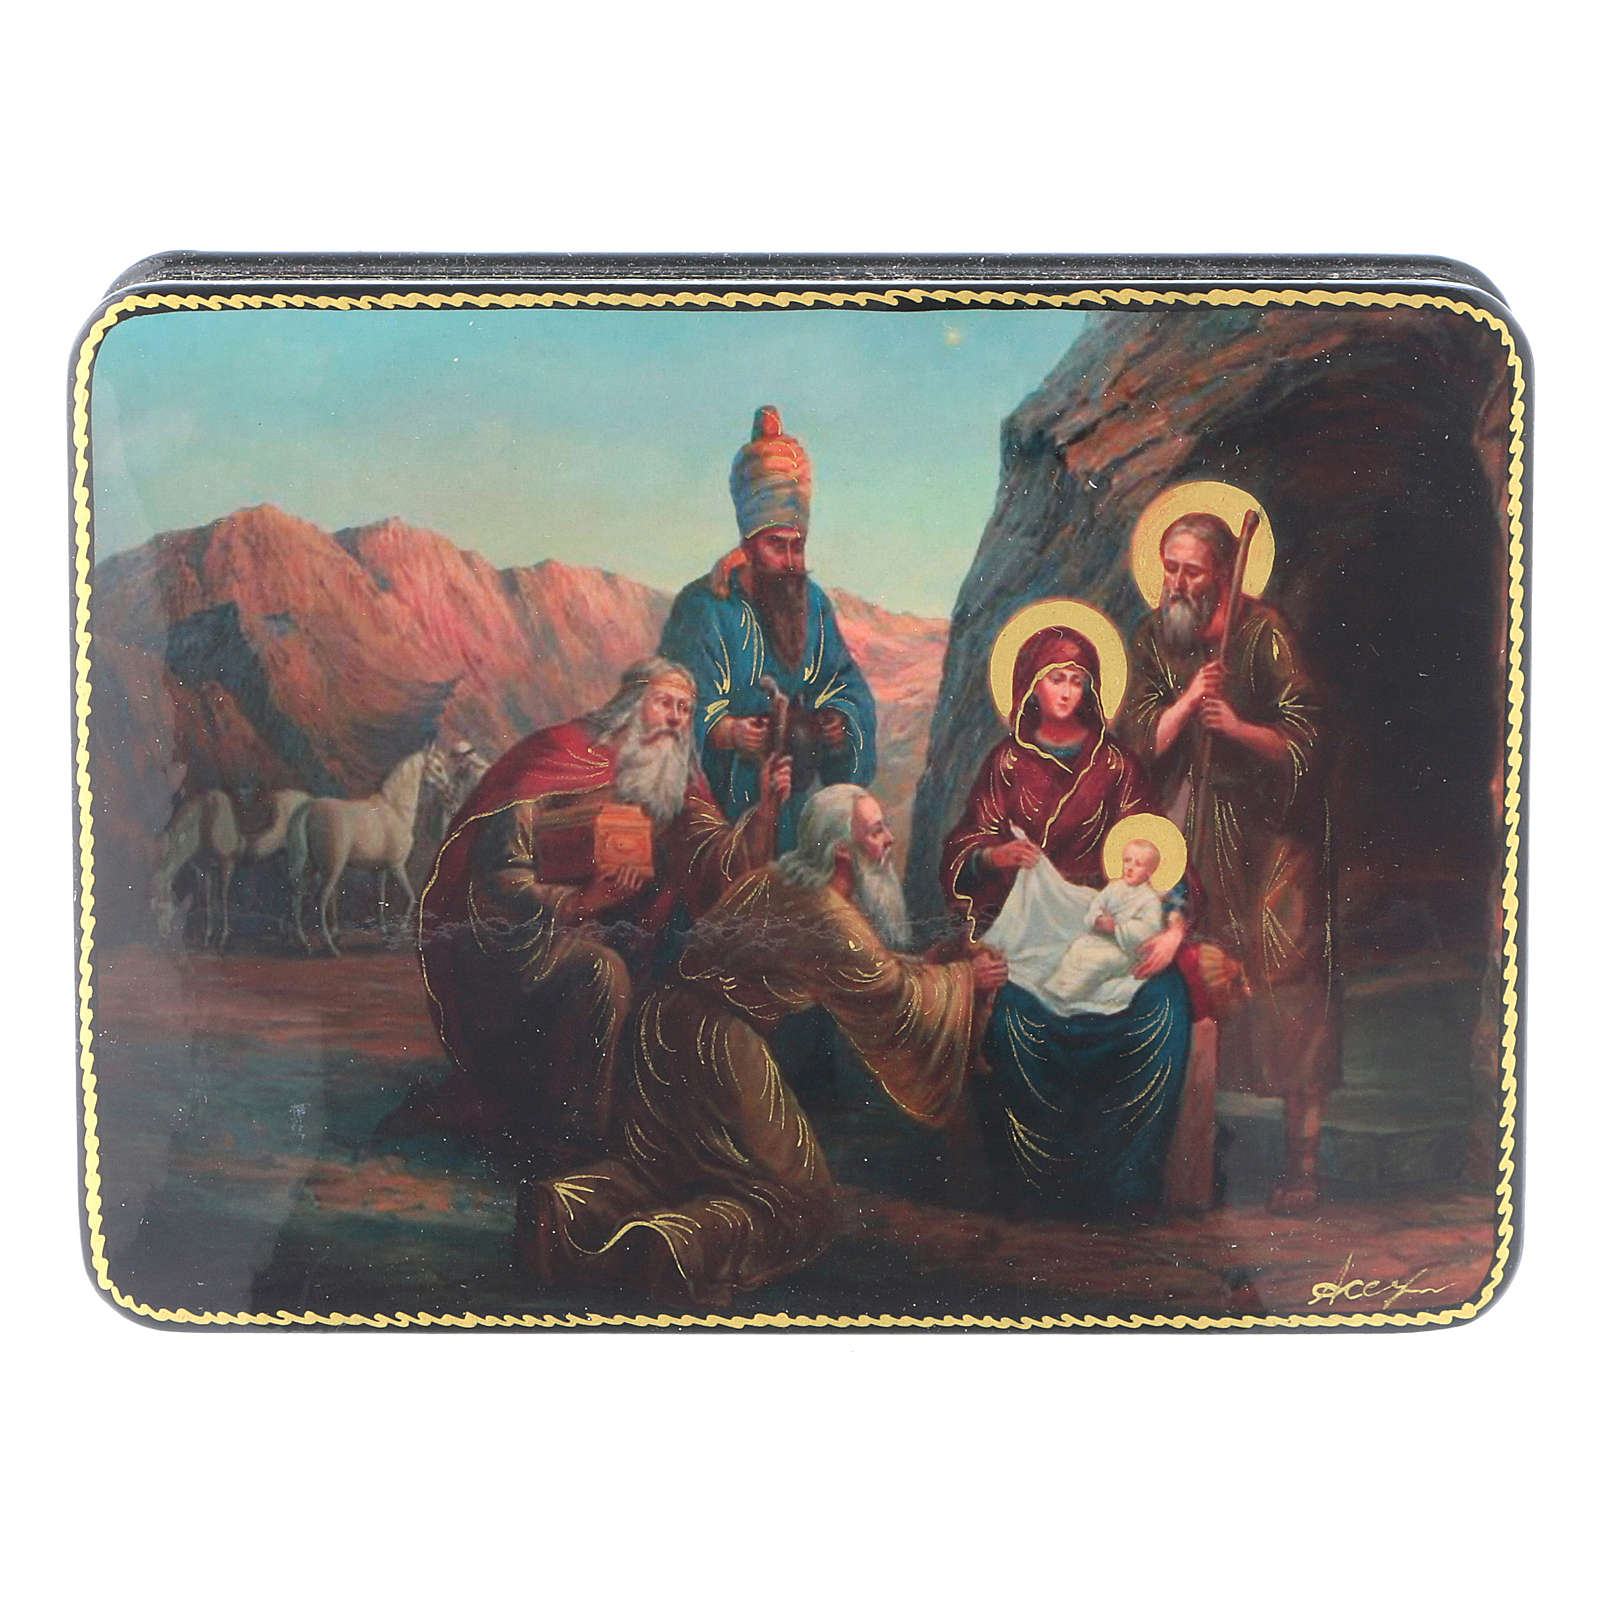 Scatola russa Papier-mâché Nascita Gesù Adorazione Magi Fedoskino style 15x11 4